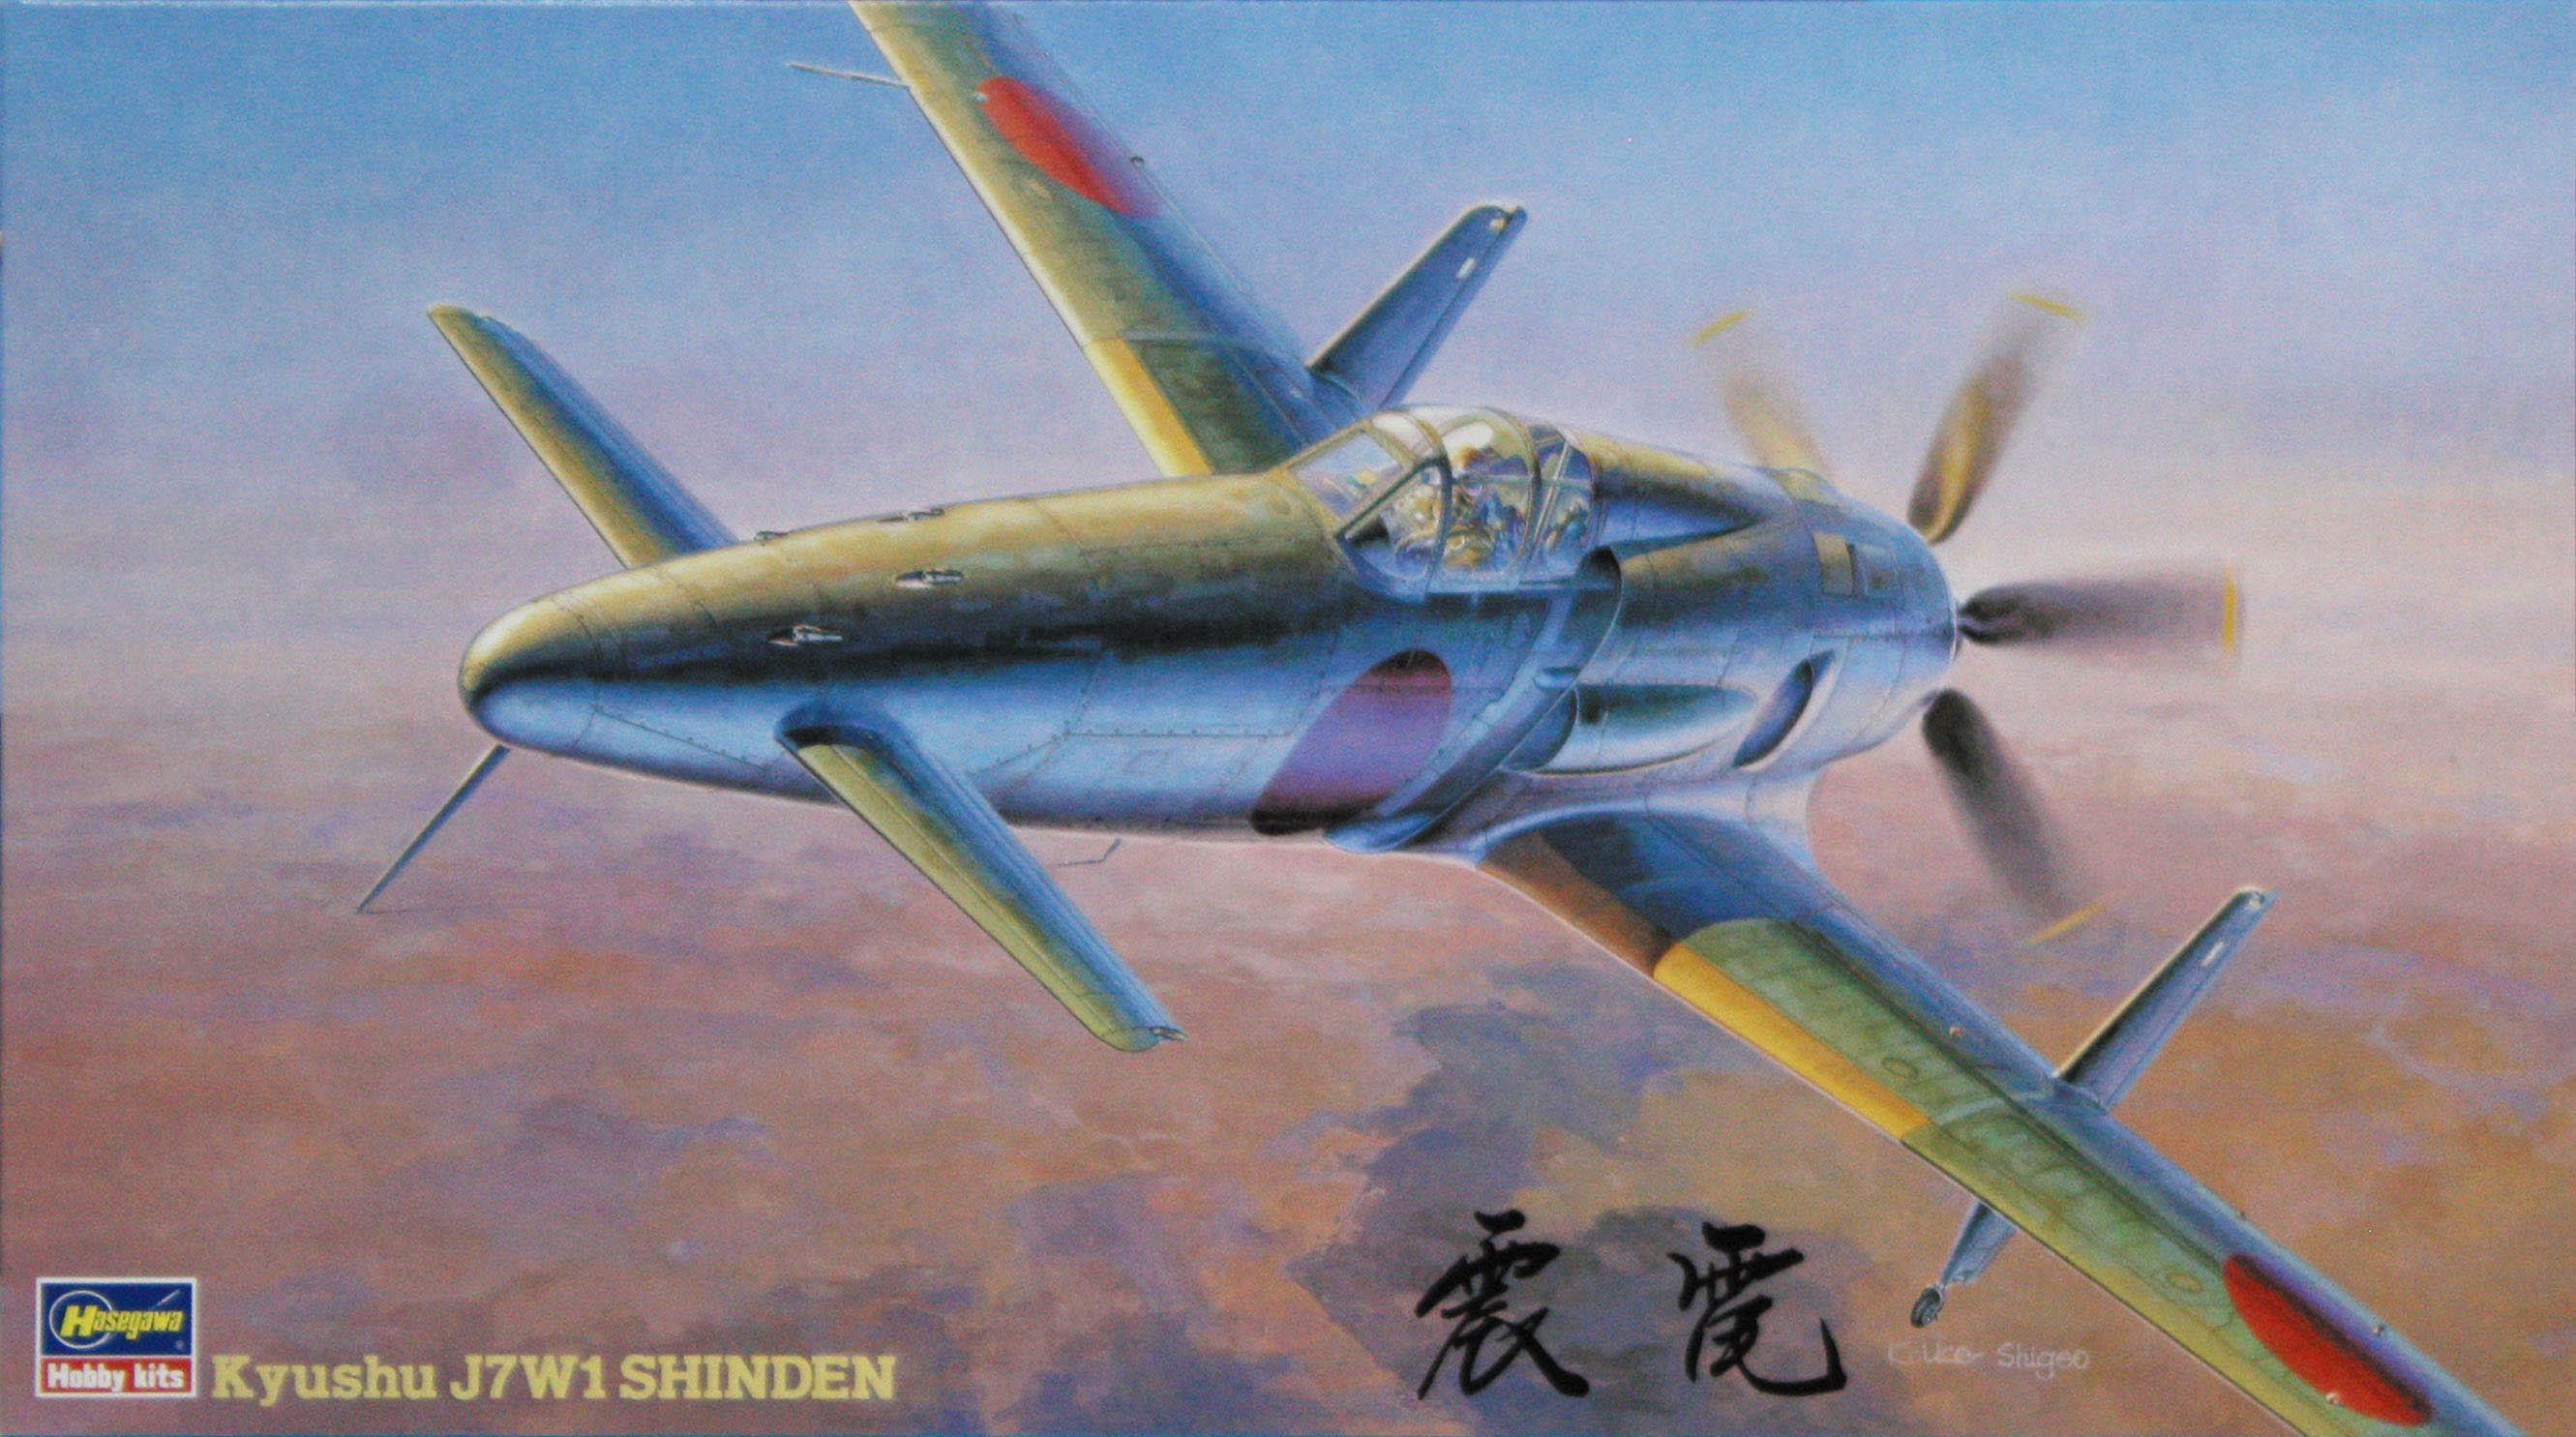 Hasegawa 1/48 J7W1 Shinden